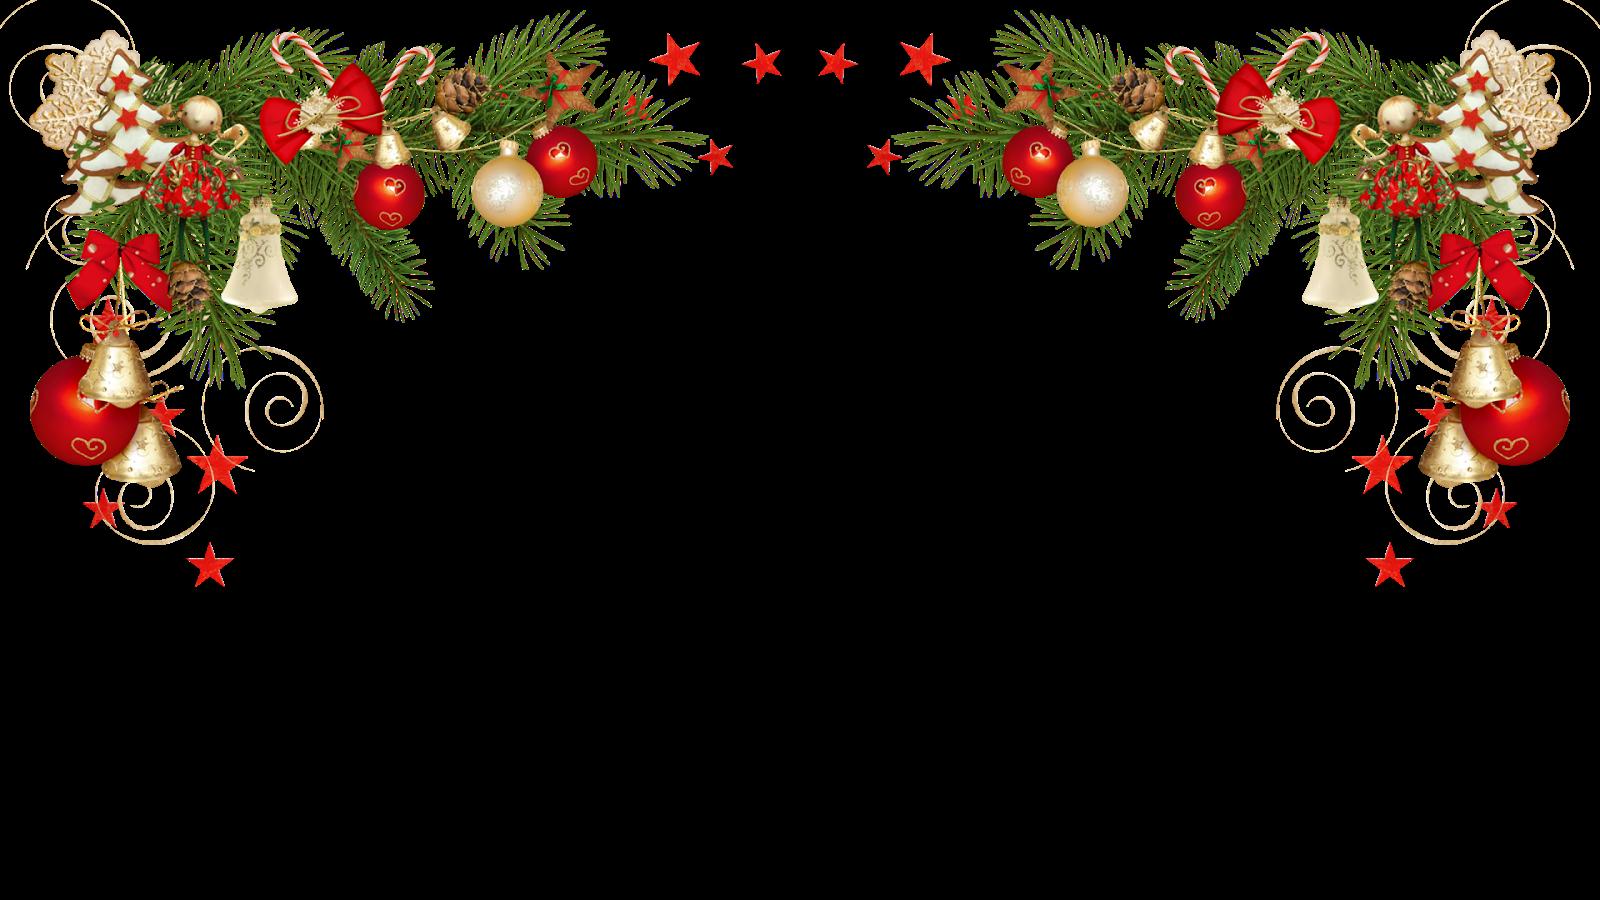 Novas Molduras De Natal 16x9 E Texto Para As Suas Mensagens Molduras Natal Imagens De Feliz Natal Natal